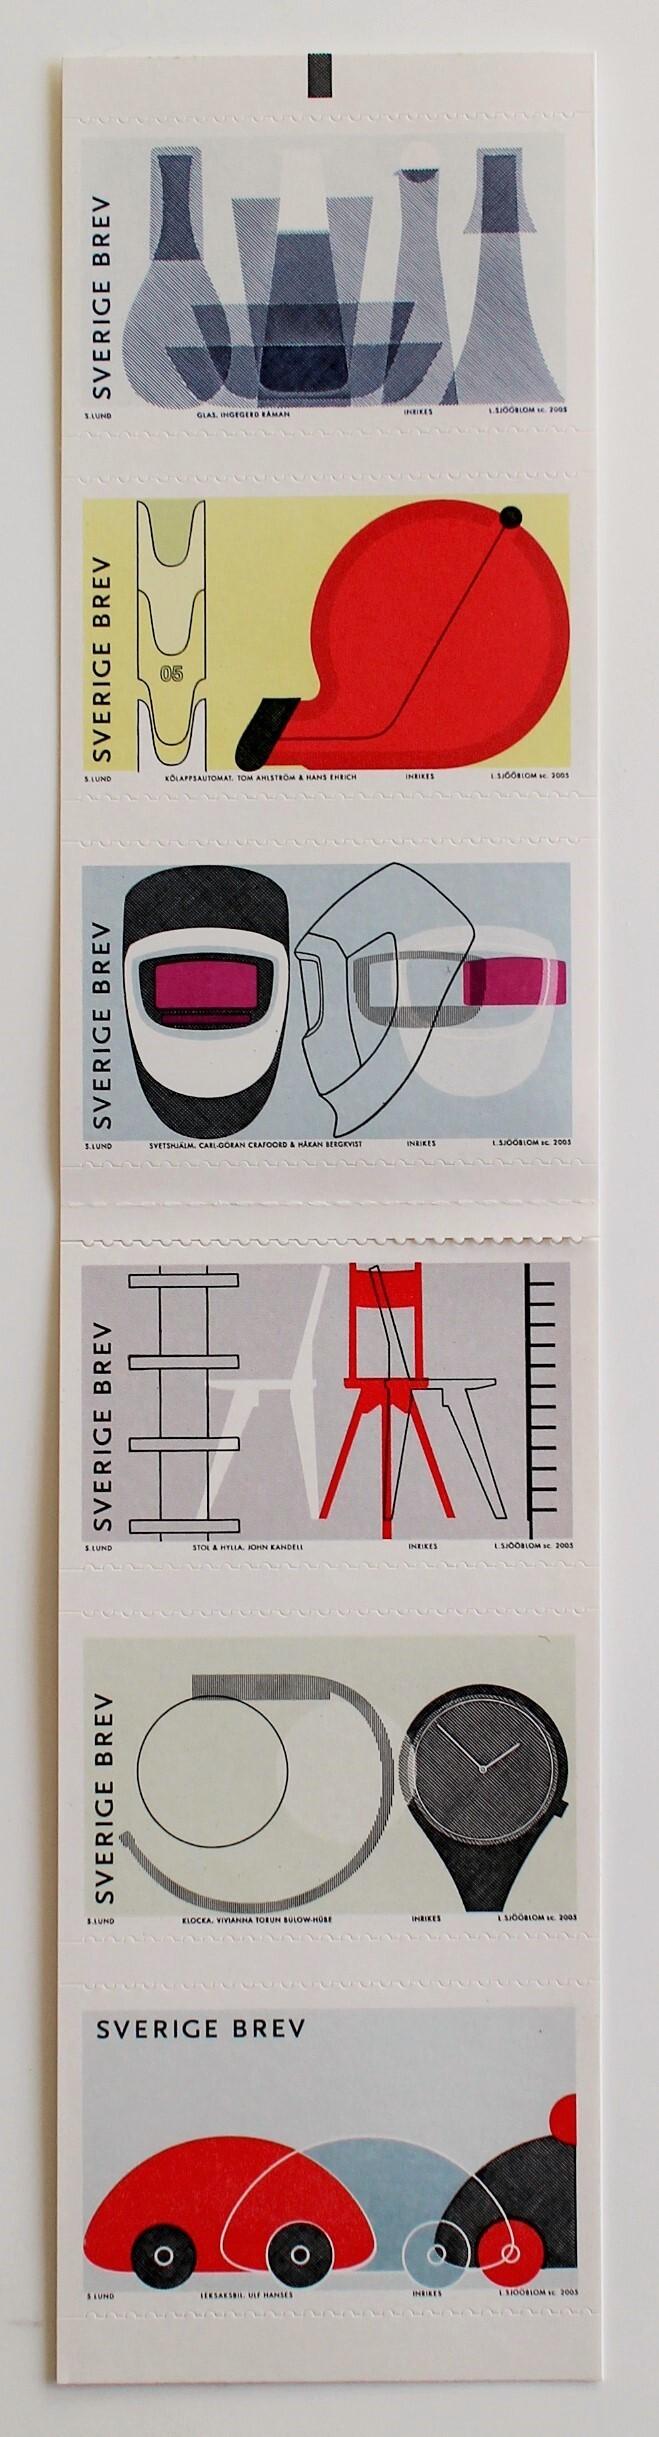 商業デザイン切手帳 / スウェーデン 2005